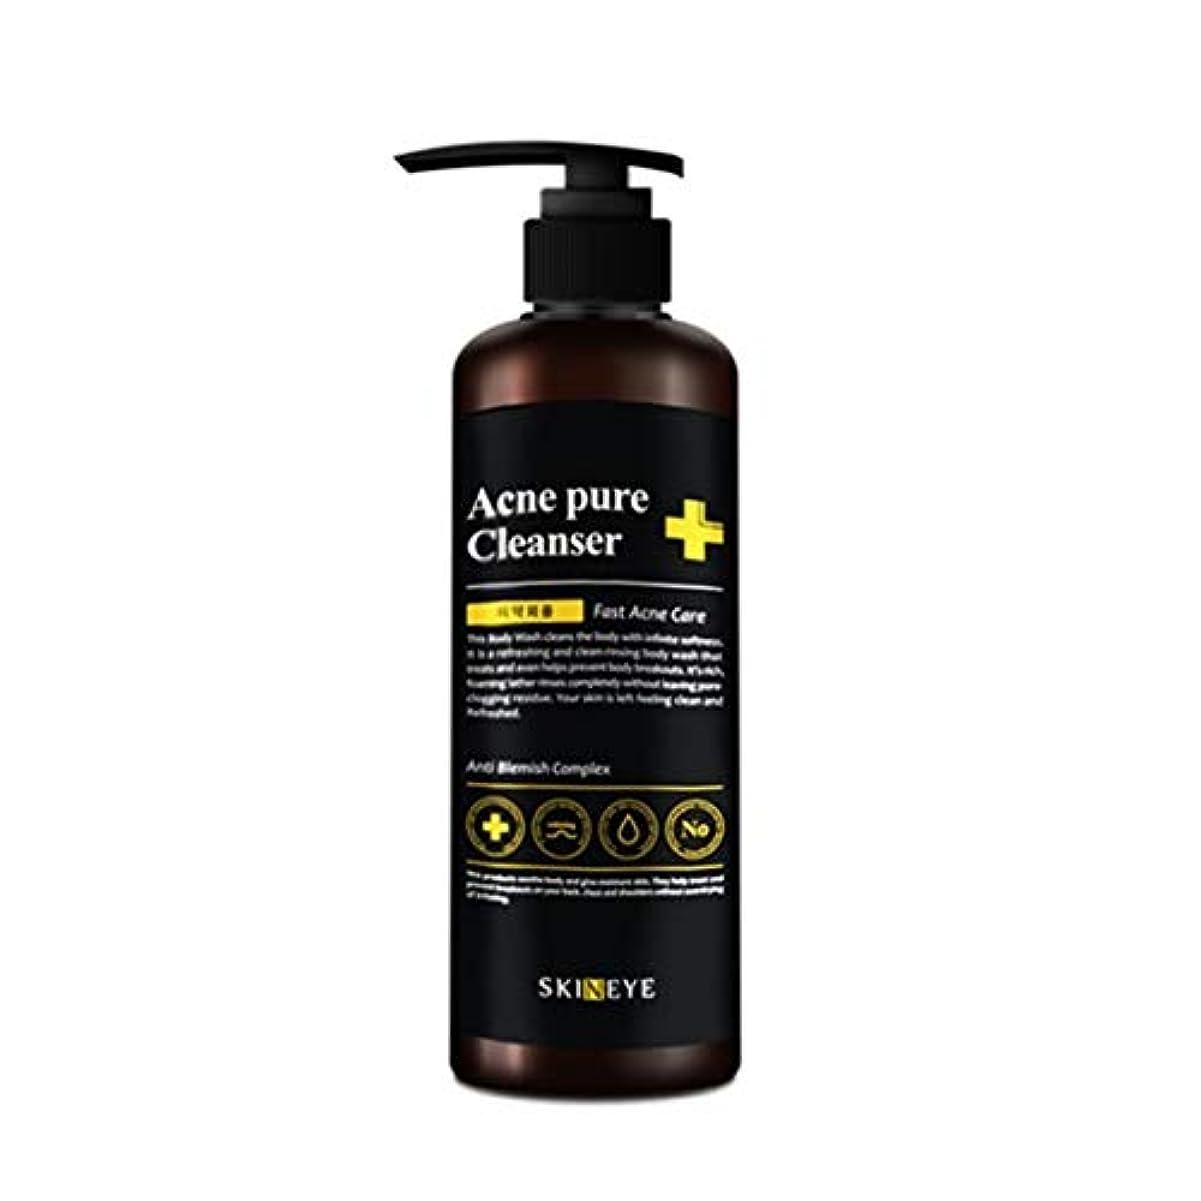 注意極小チューブスキンアイアクネピュアクレンザー300mlの老廃物除去、Skineye Acne Pure Cleanser 300ml Waste Removal [並行輸入品]